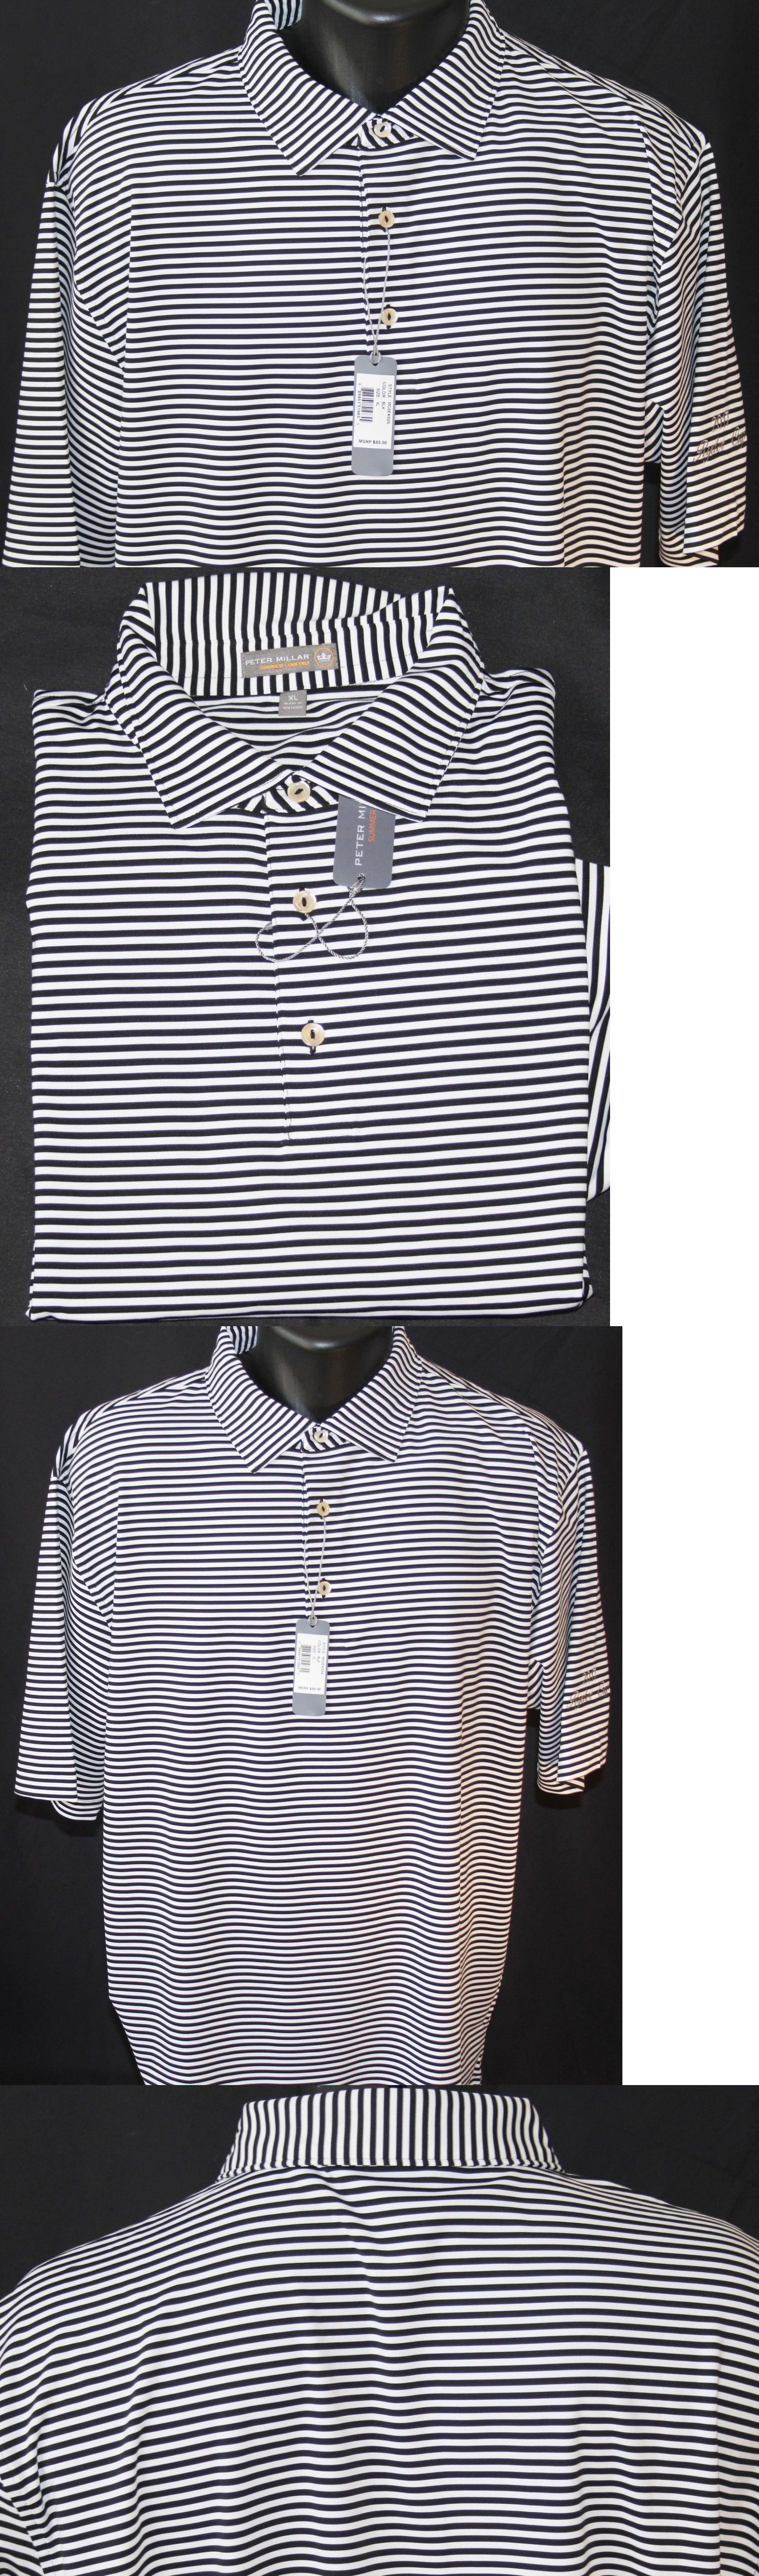 b274f6ca7e6b Polos 185101  New Men S Peter Millar Crown Sport Summer Comfort Performance  Golf Shirt Xl